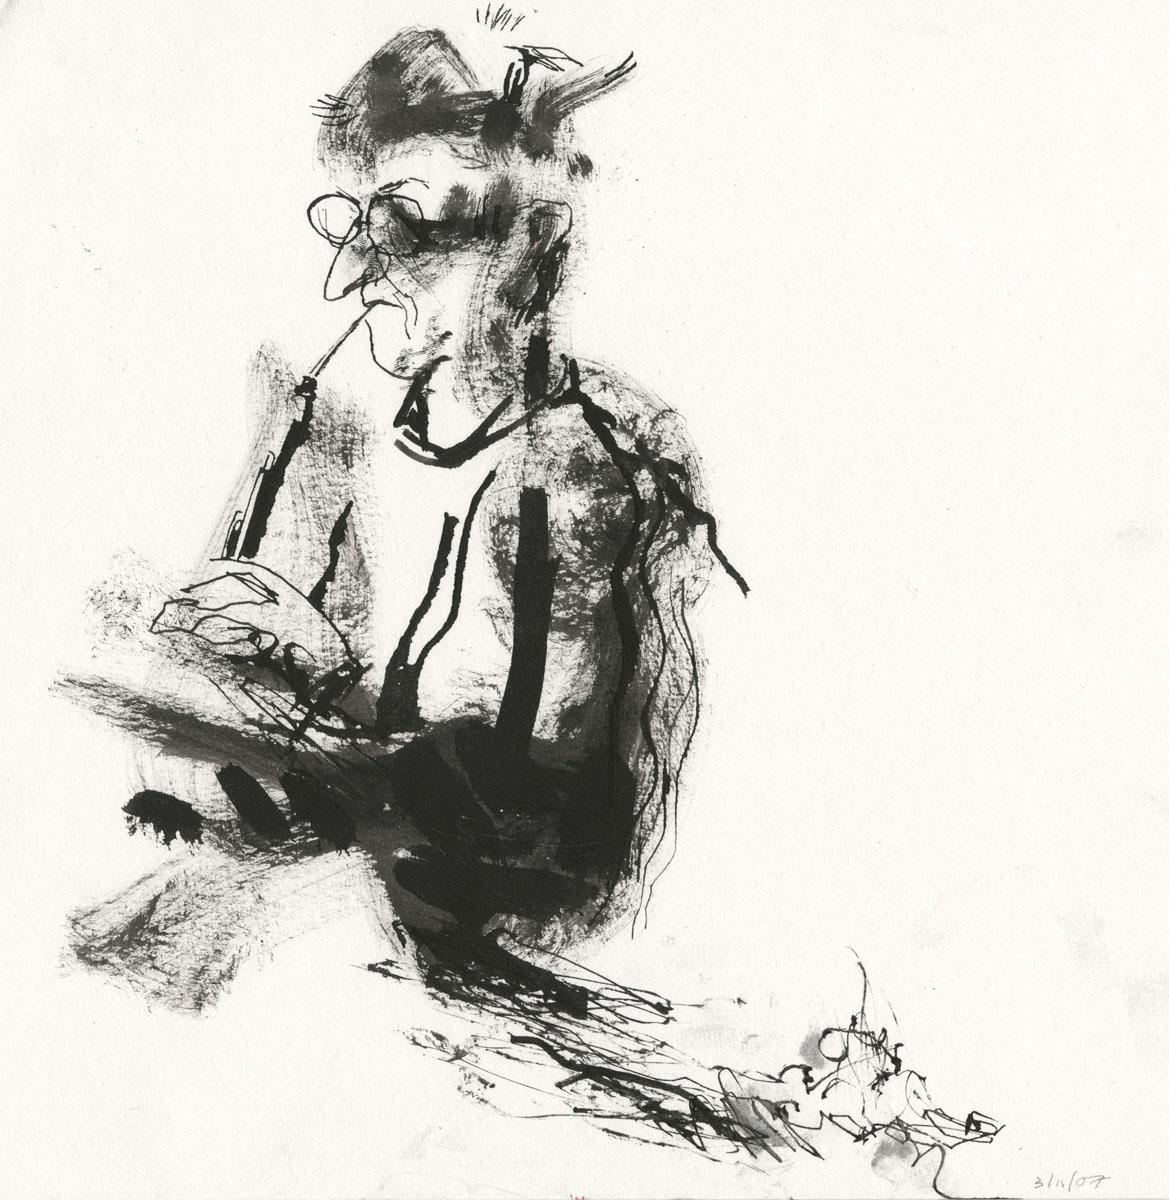 Sinfonietta Drawing